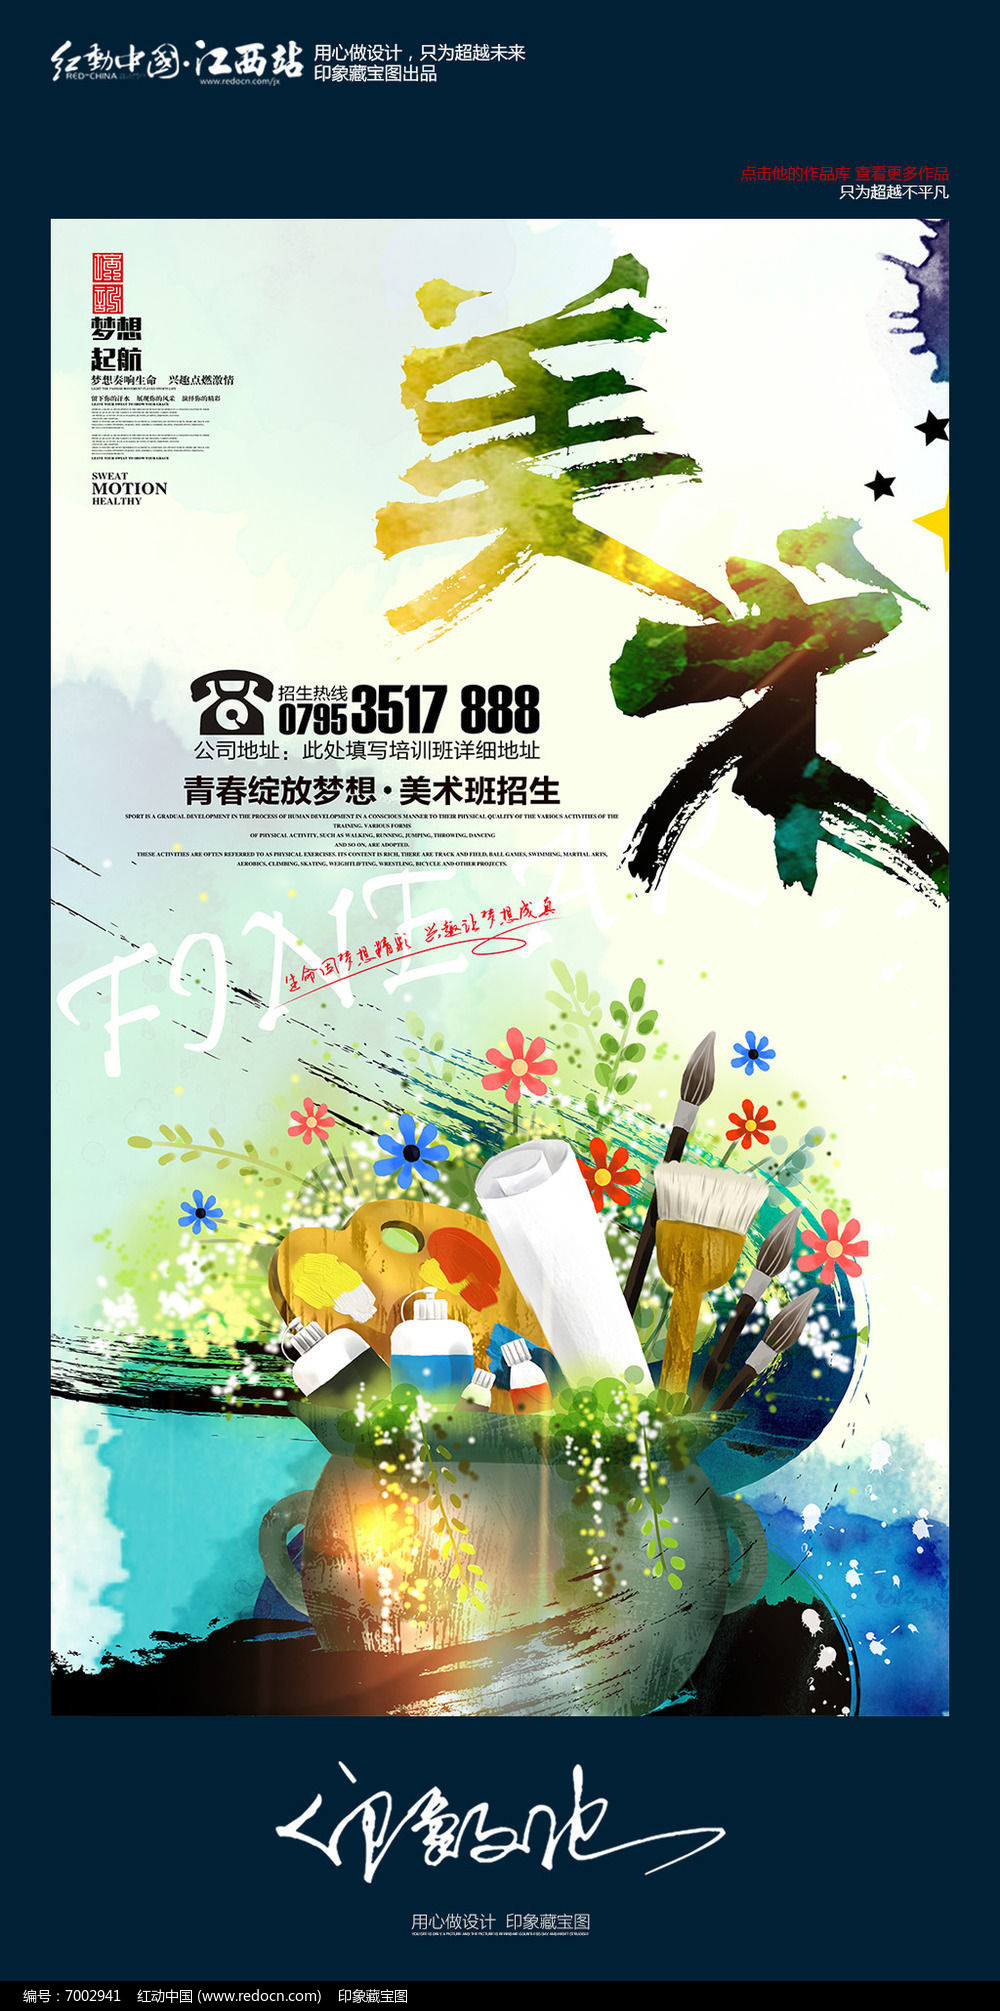 创意水彩美术招生培训海报图片